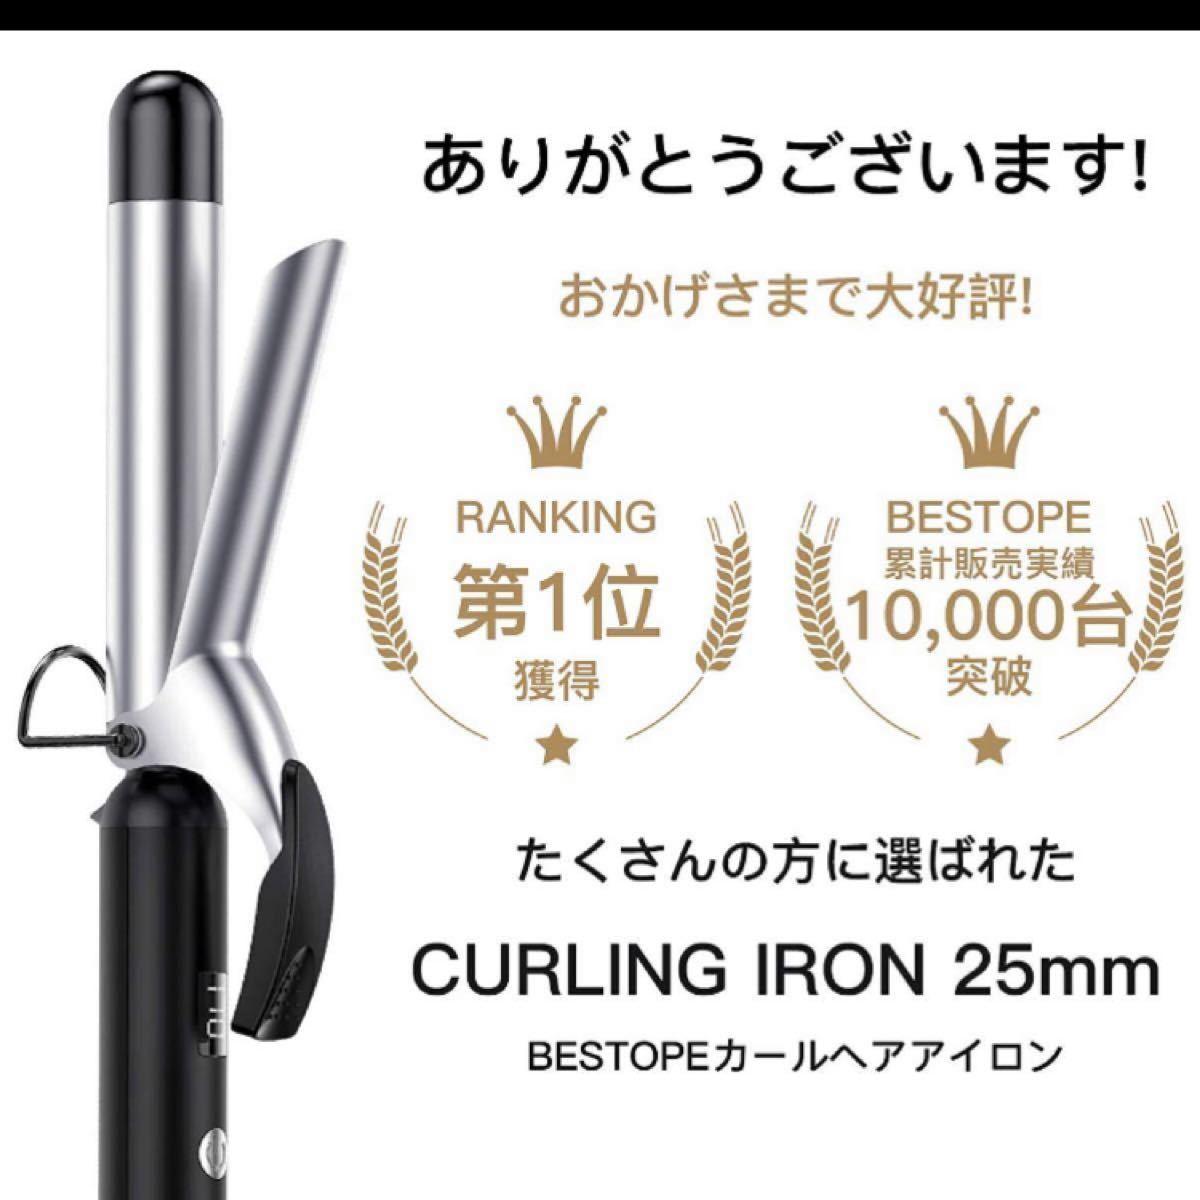 BESTOPE ヘアアイロン カール コテ 25mm カールアイロン 80